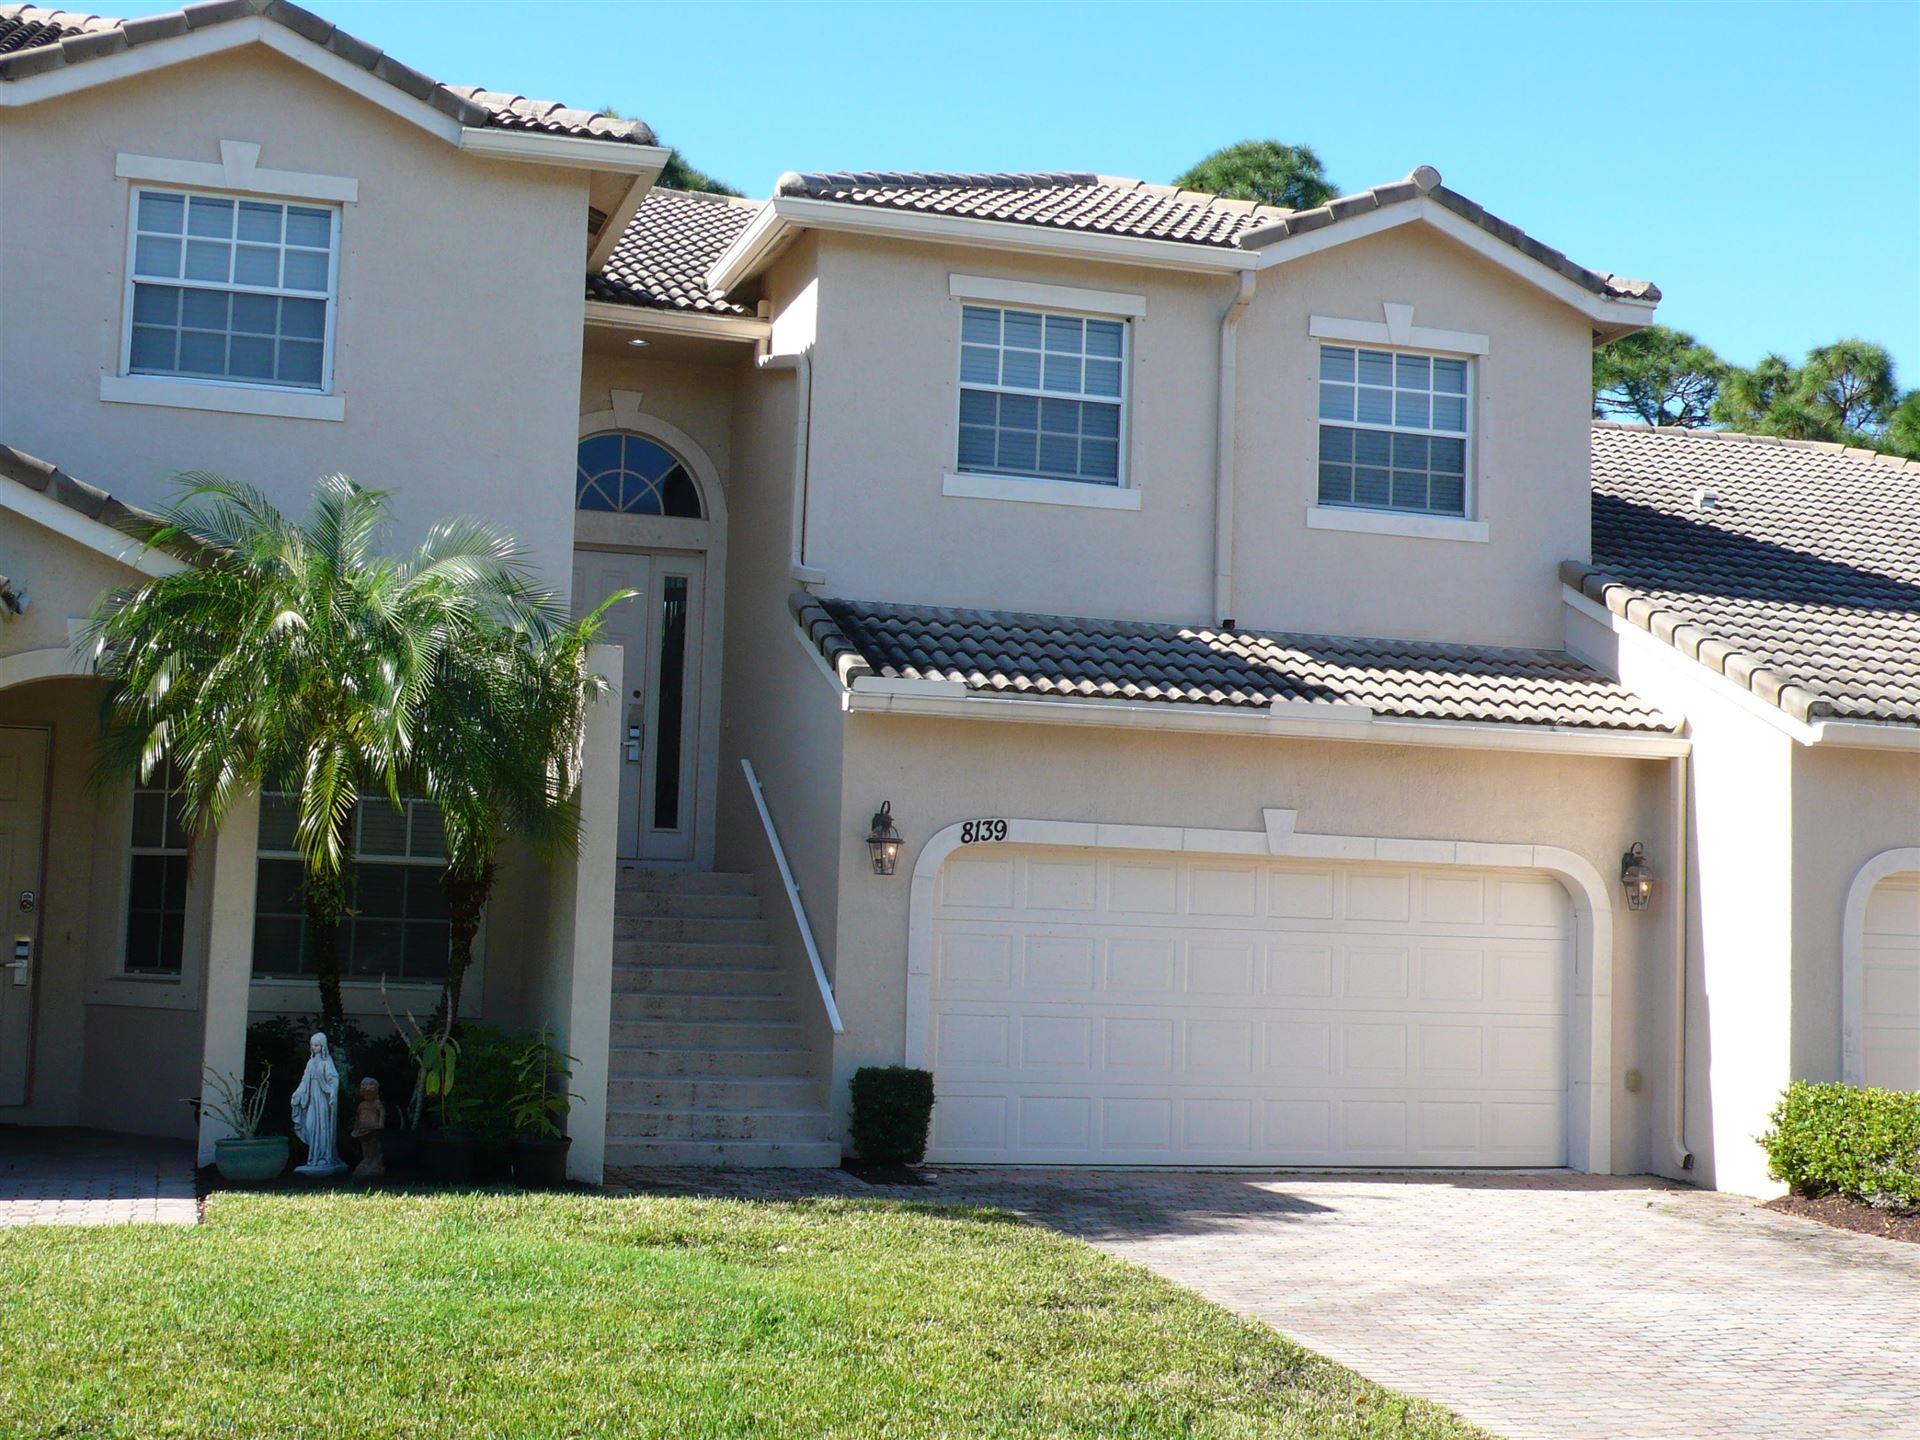 8139 Carnoustie Place, Port Saint Lucie, FL 34986 - #: RX-10589752